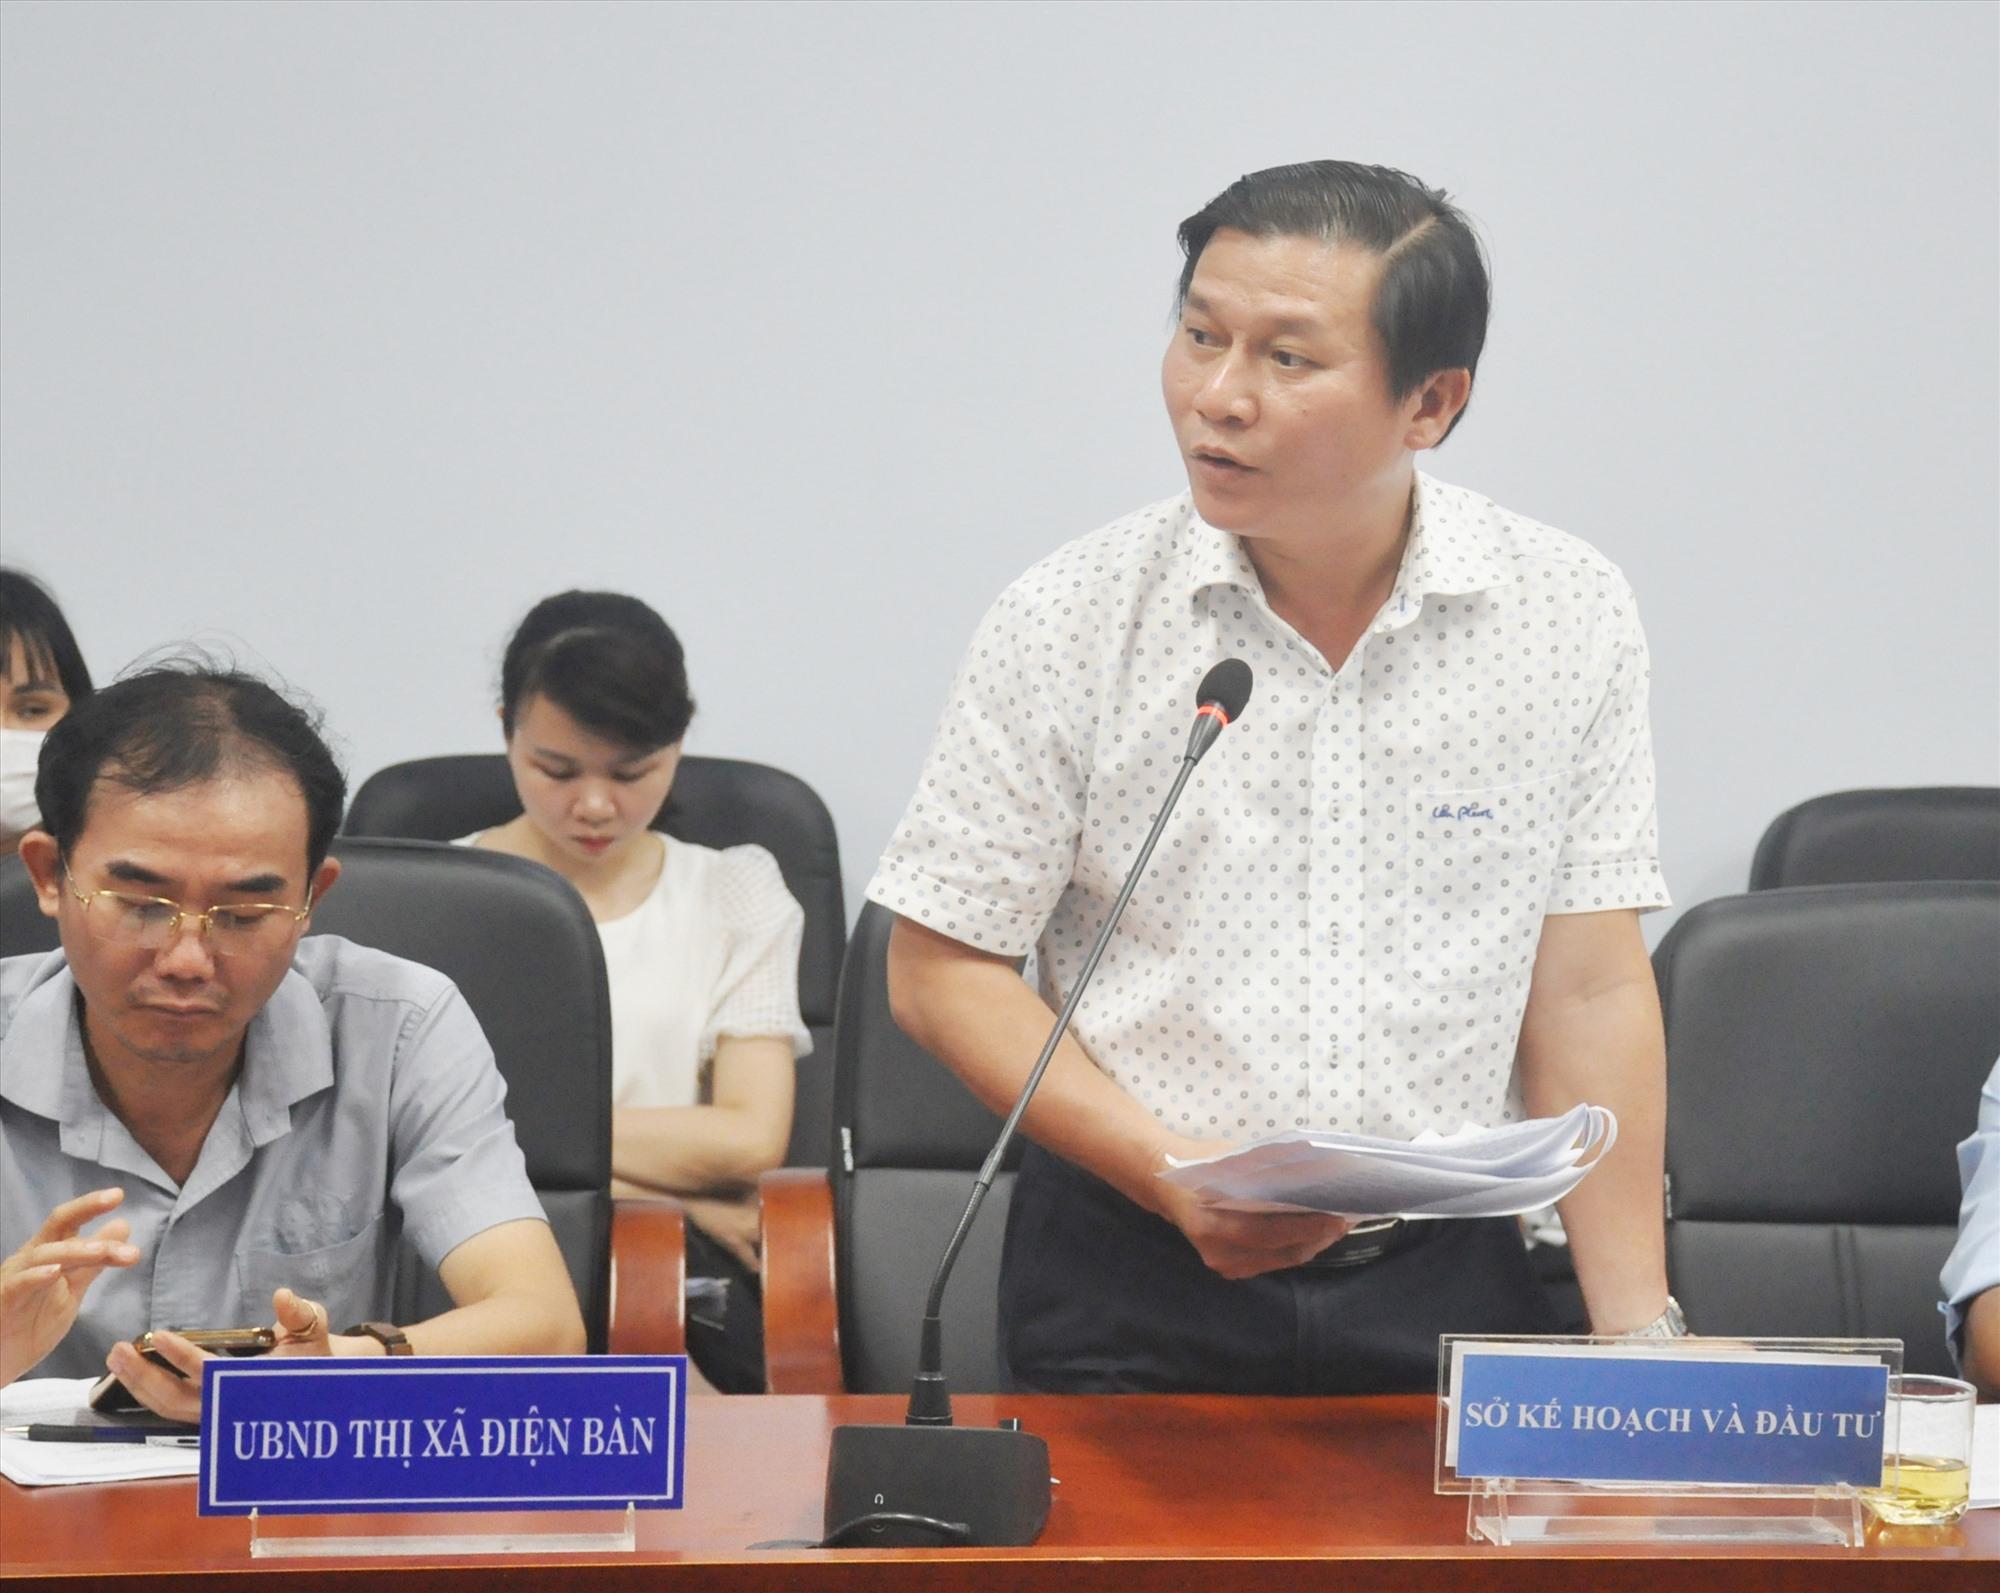 Ông Nguyễn Tấn Văn - Phó Giám đốc Sở Kế hoạch và đầu tư thông tin về dự án của chủ đầu tư STO cho đại diện người mua đất biết. Ảnh: N.Đ